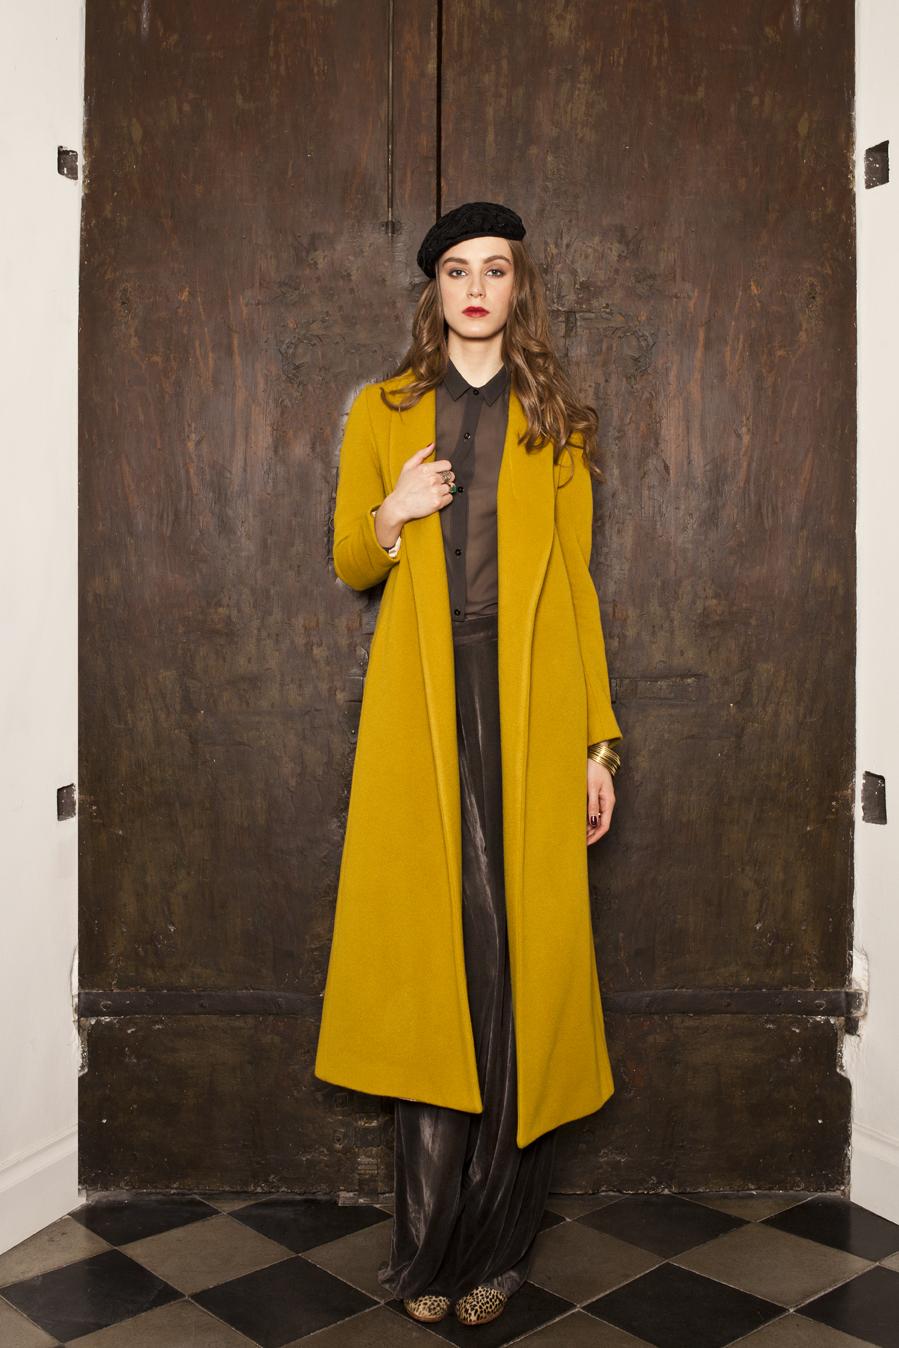 La jolie fille cappotto giallo.jpg